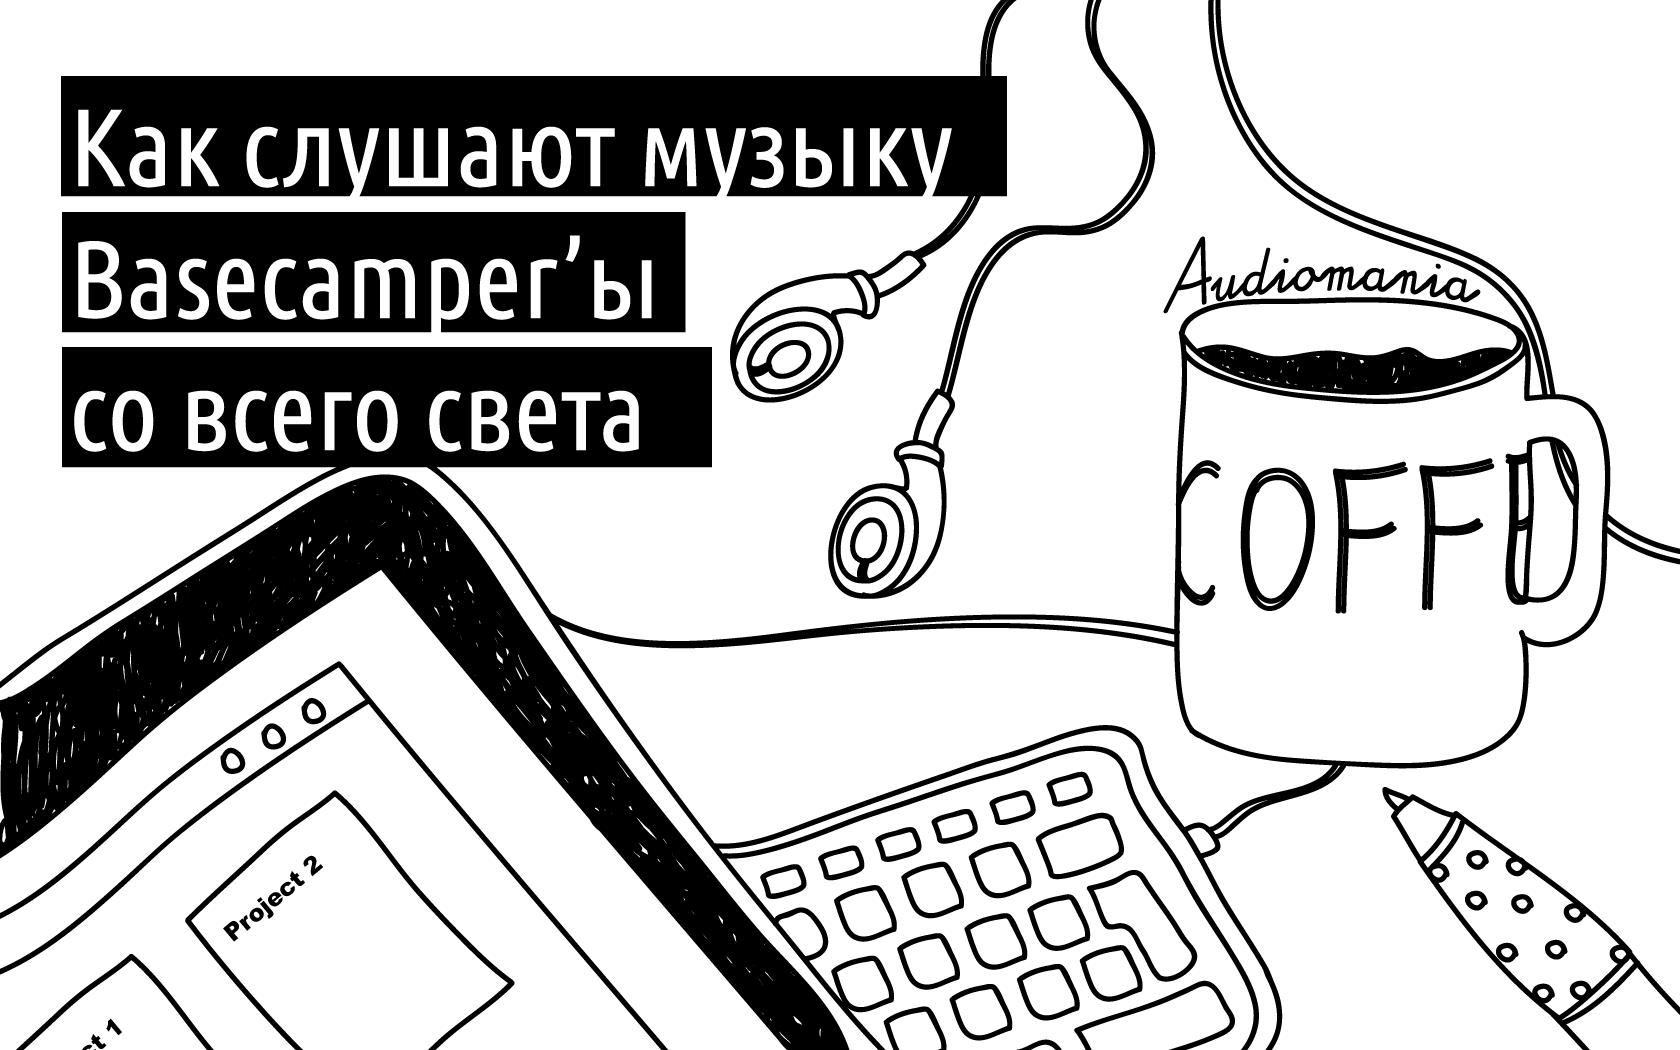 Как слушают музыку сотрудники Basecamp по всему миру - 1